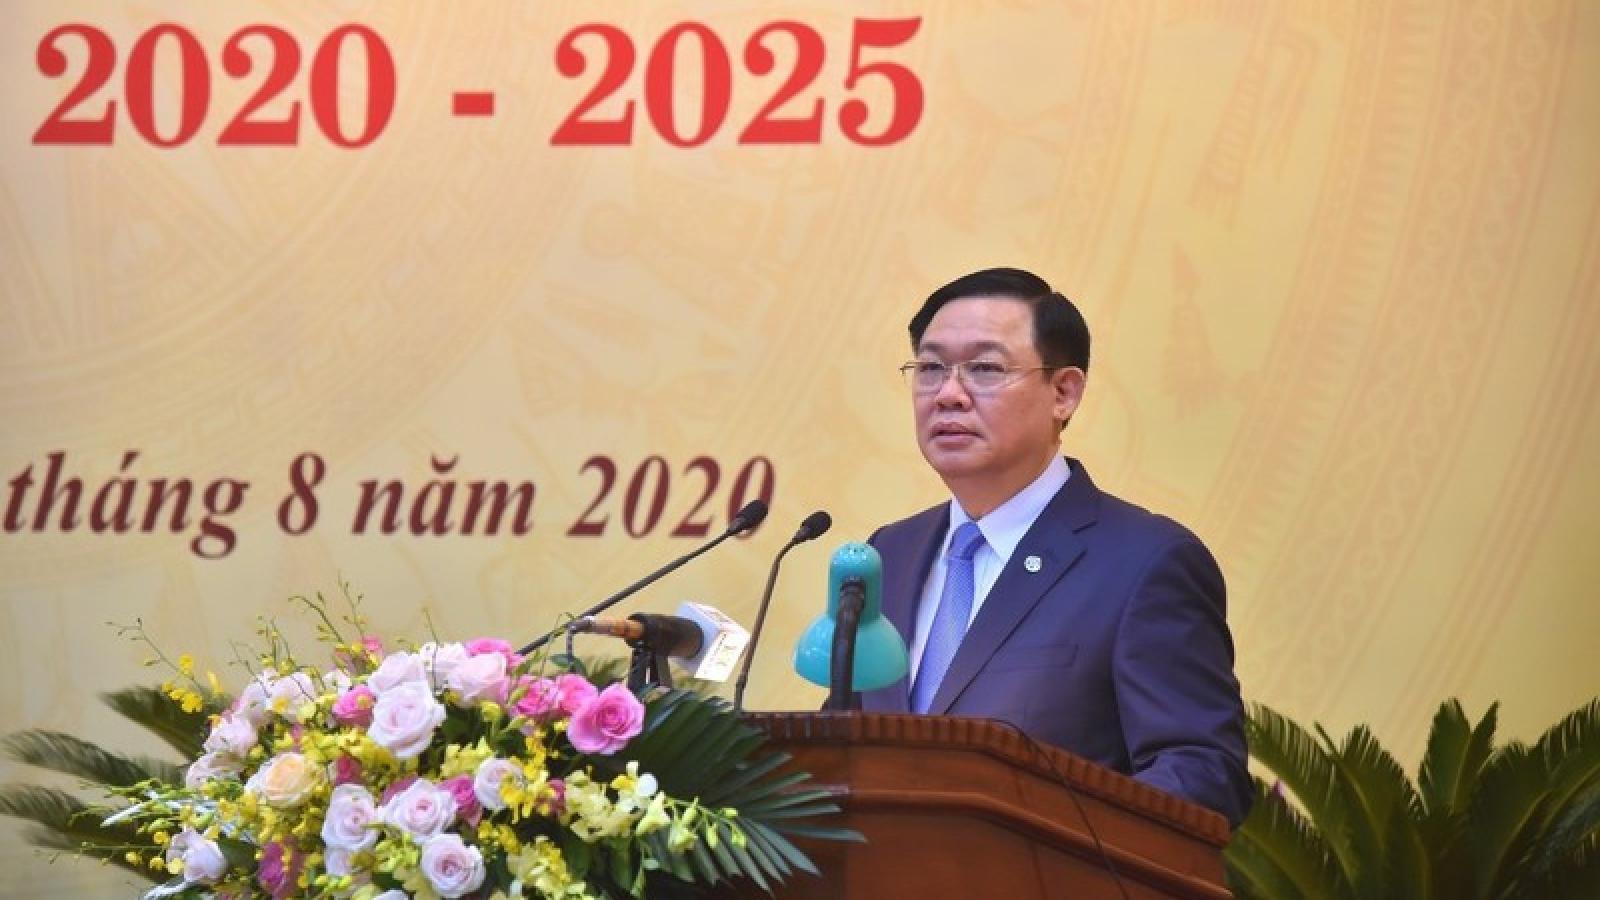 Ông Vương Đình Huệ dự Đại hội Đảng bộ khối các cơ quan thành phố Hà Nội